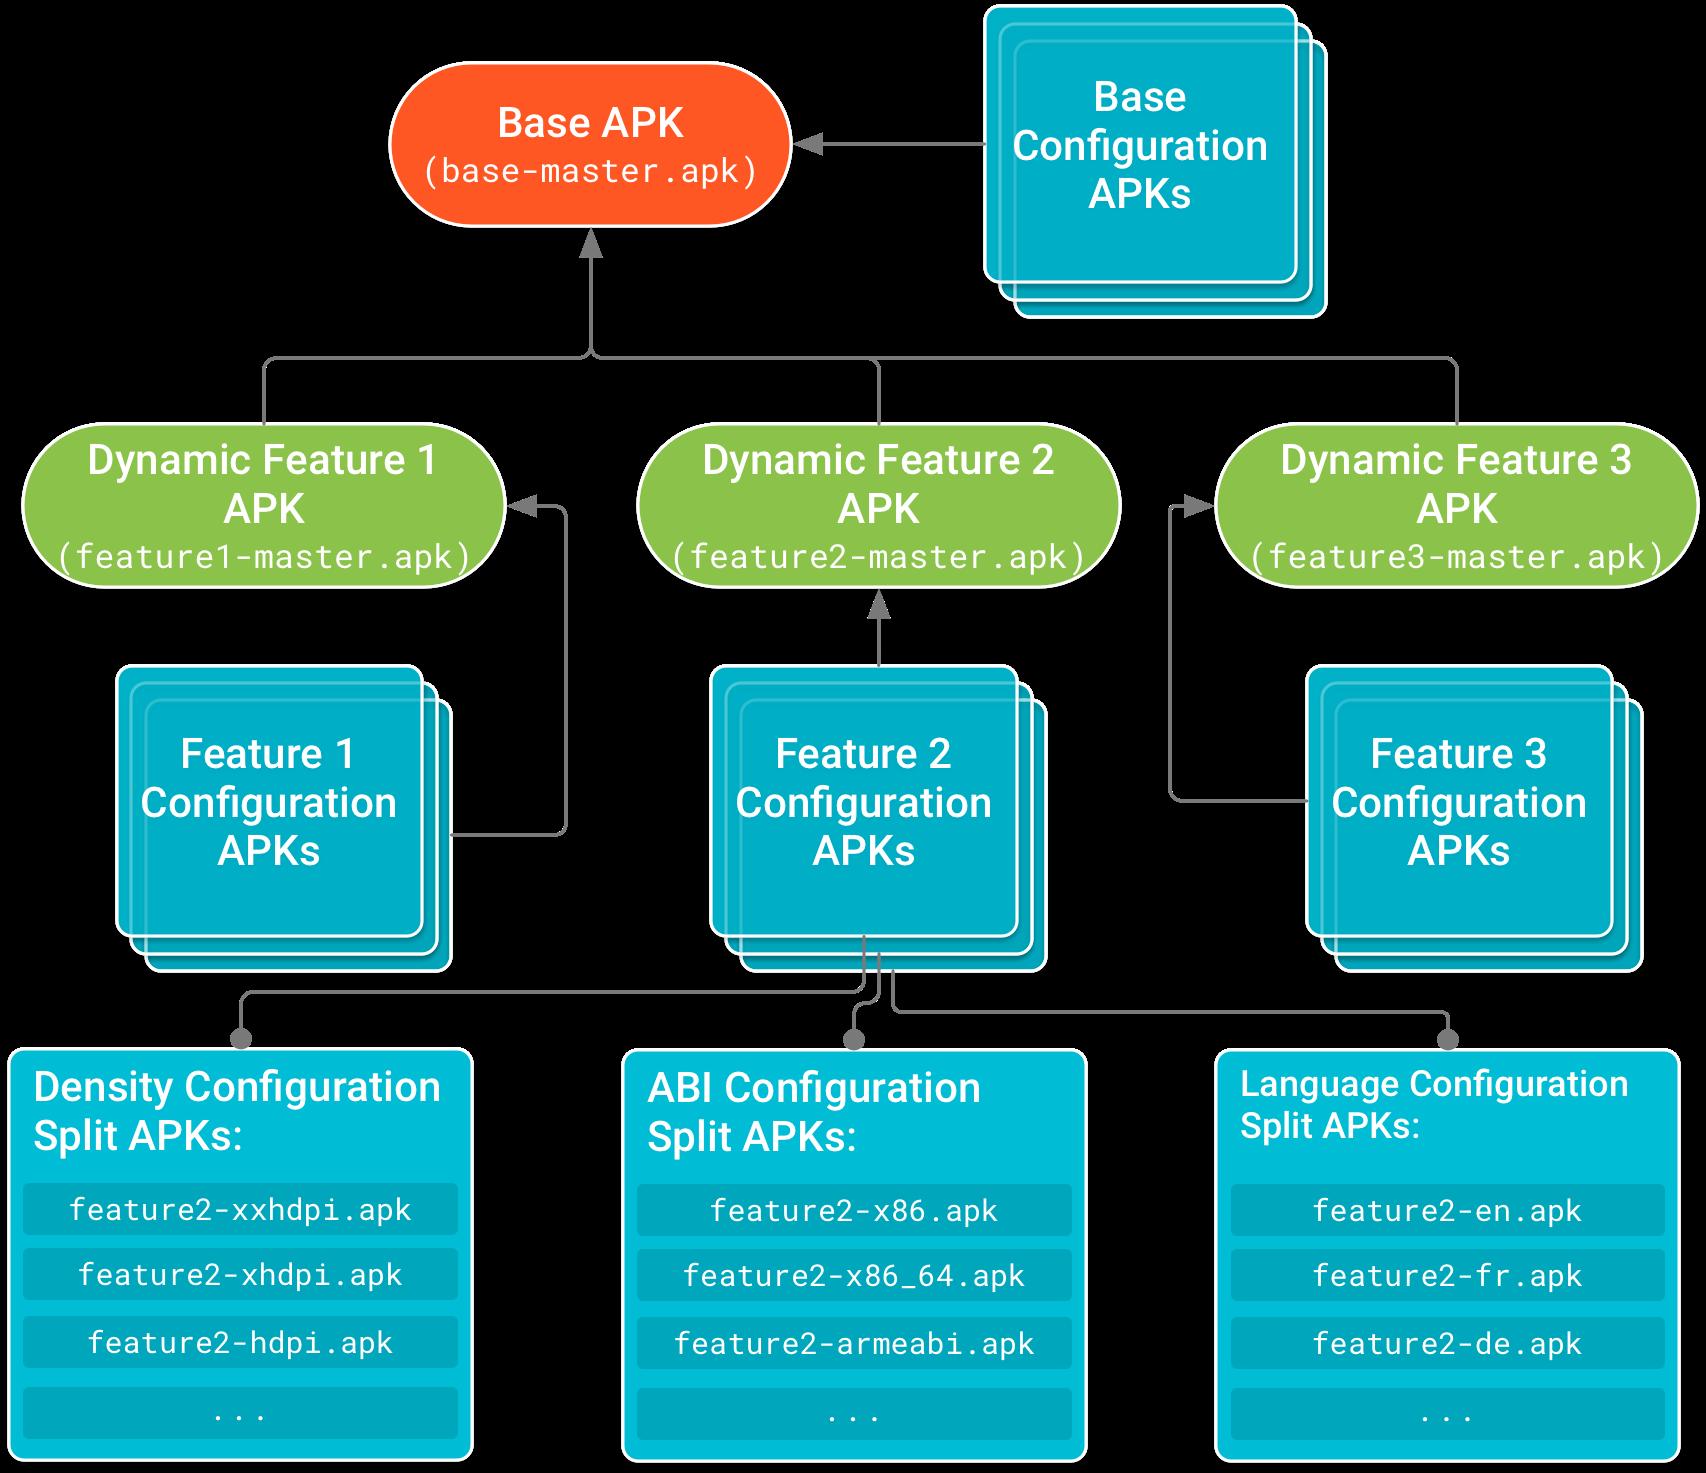 APK dasar berada di bagian atas hierarki dengan APK modul fitur yang memiliki dependensi padanya. APK Konfigurasi, yang menyertakan kode khusus konfigurasi perangkat dan resource untuk setiap APK modul fitur dan dasar, membentuk simpul daun dari hierarki dependensi.